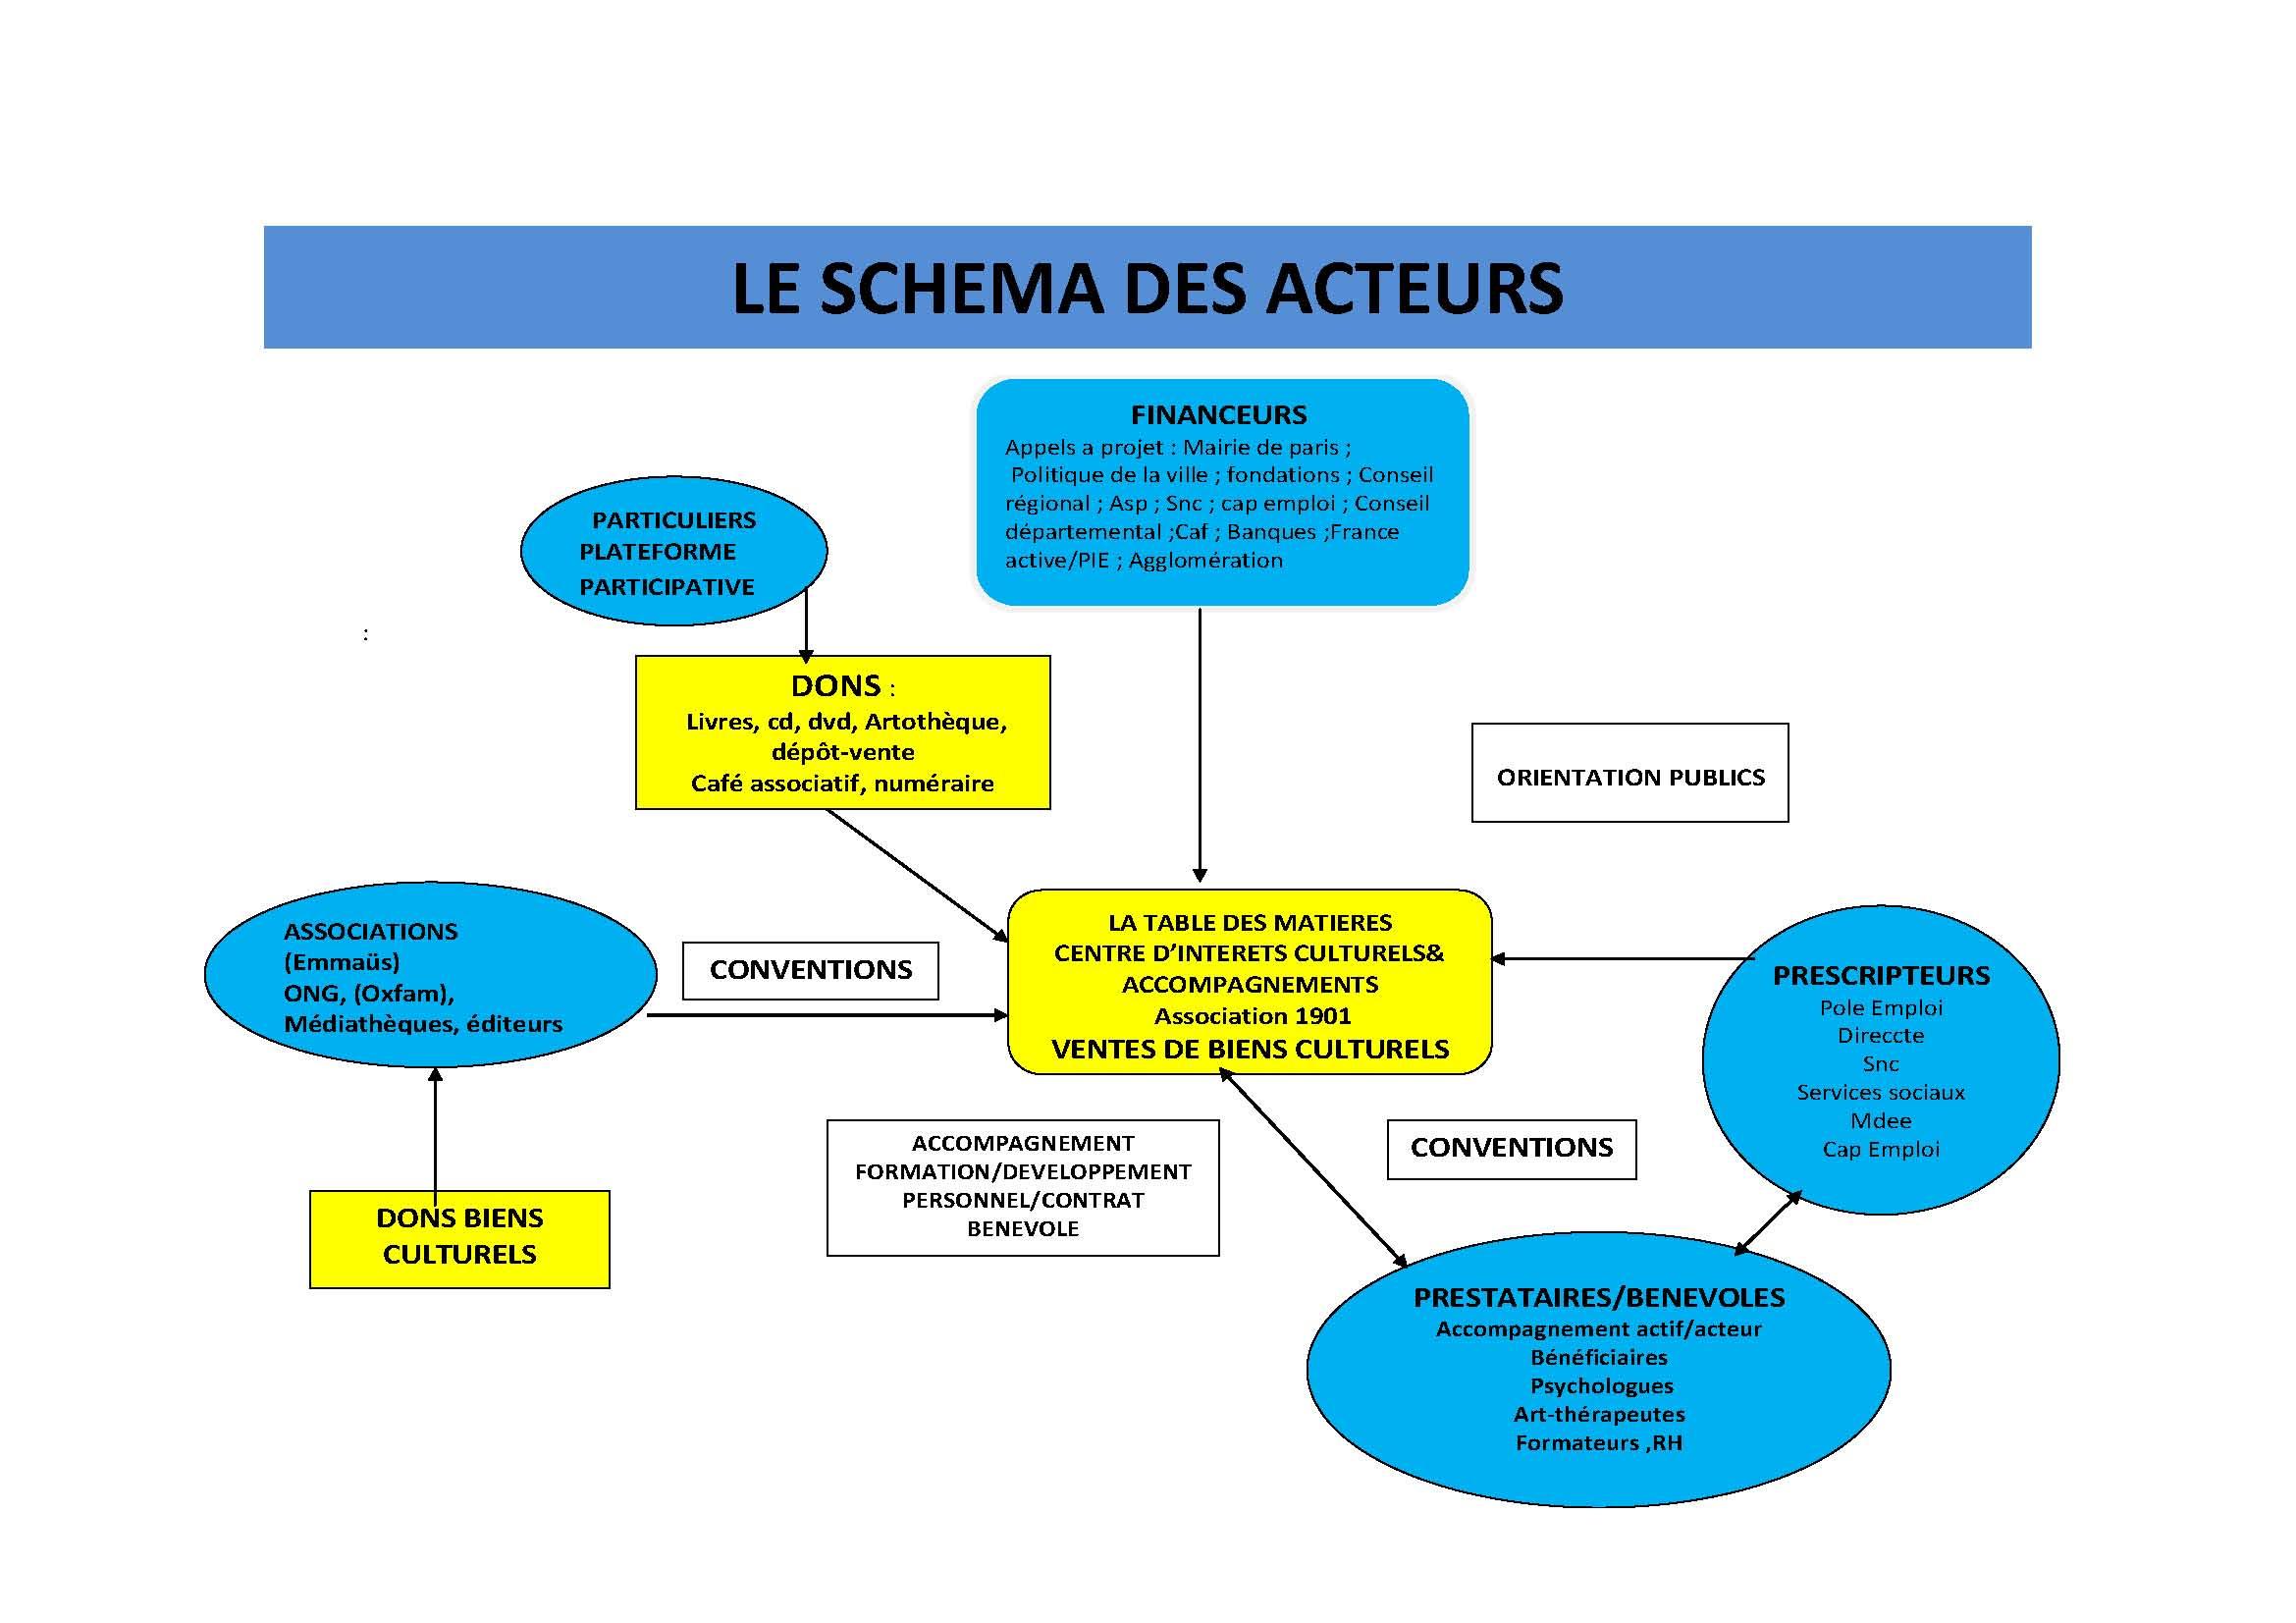 Synthese-La-Table-des-Matières-8